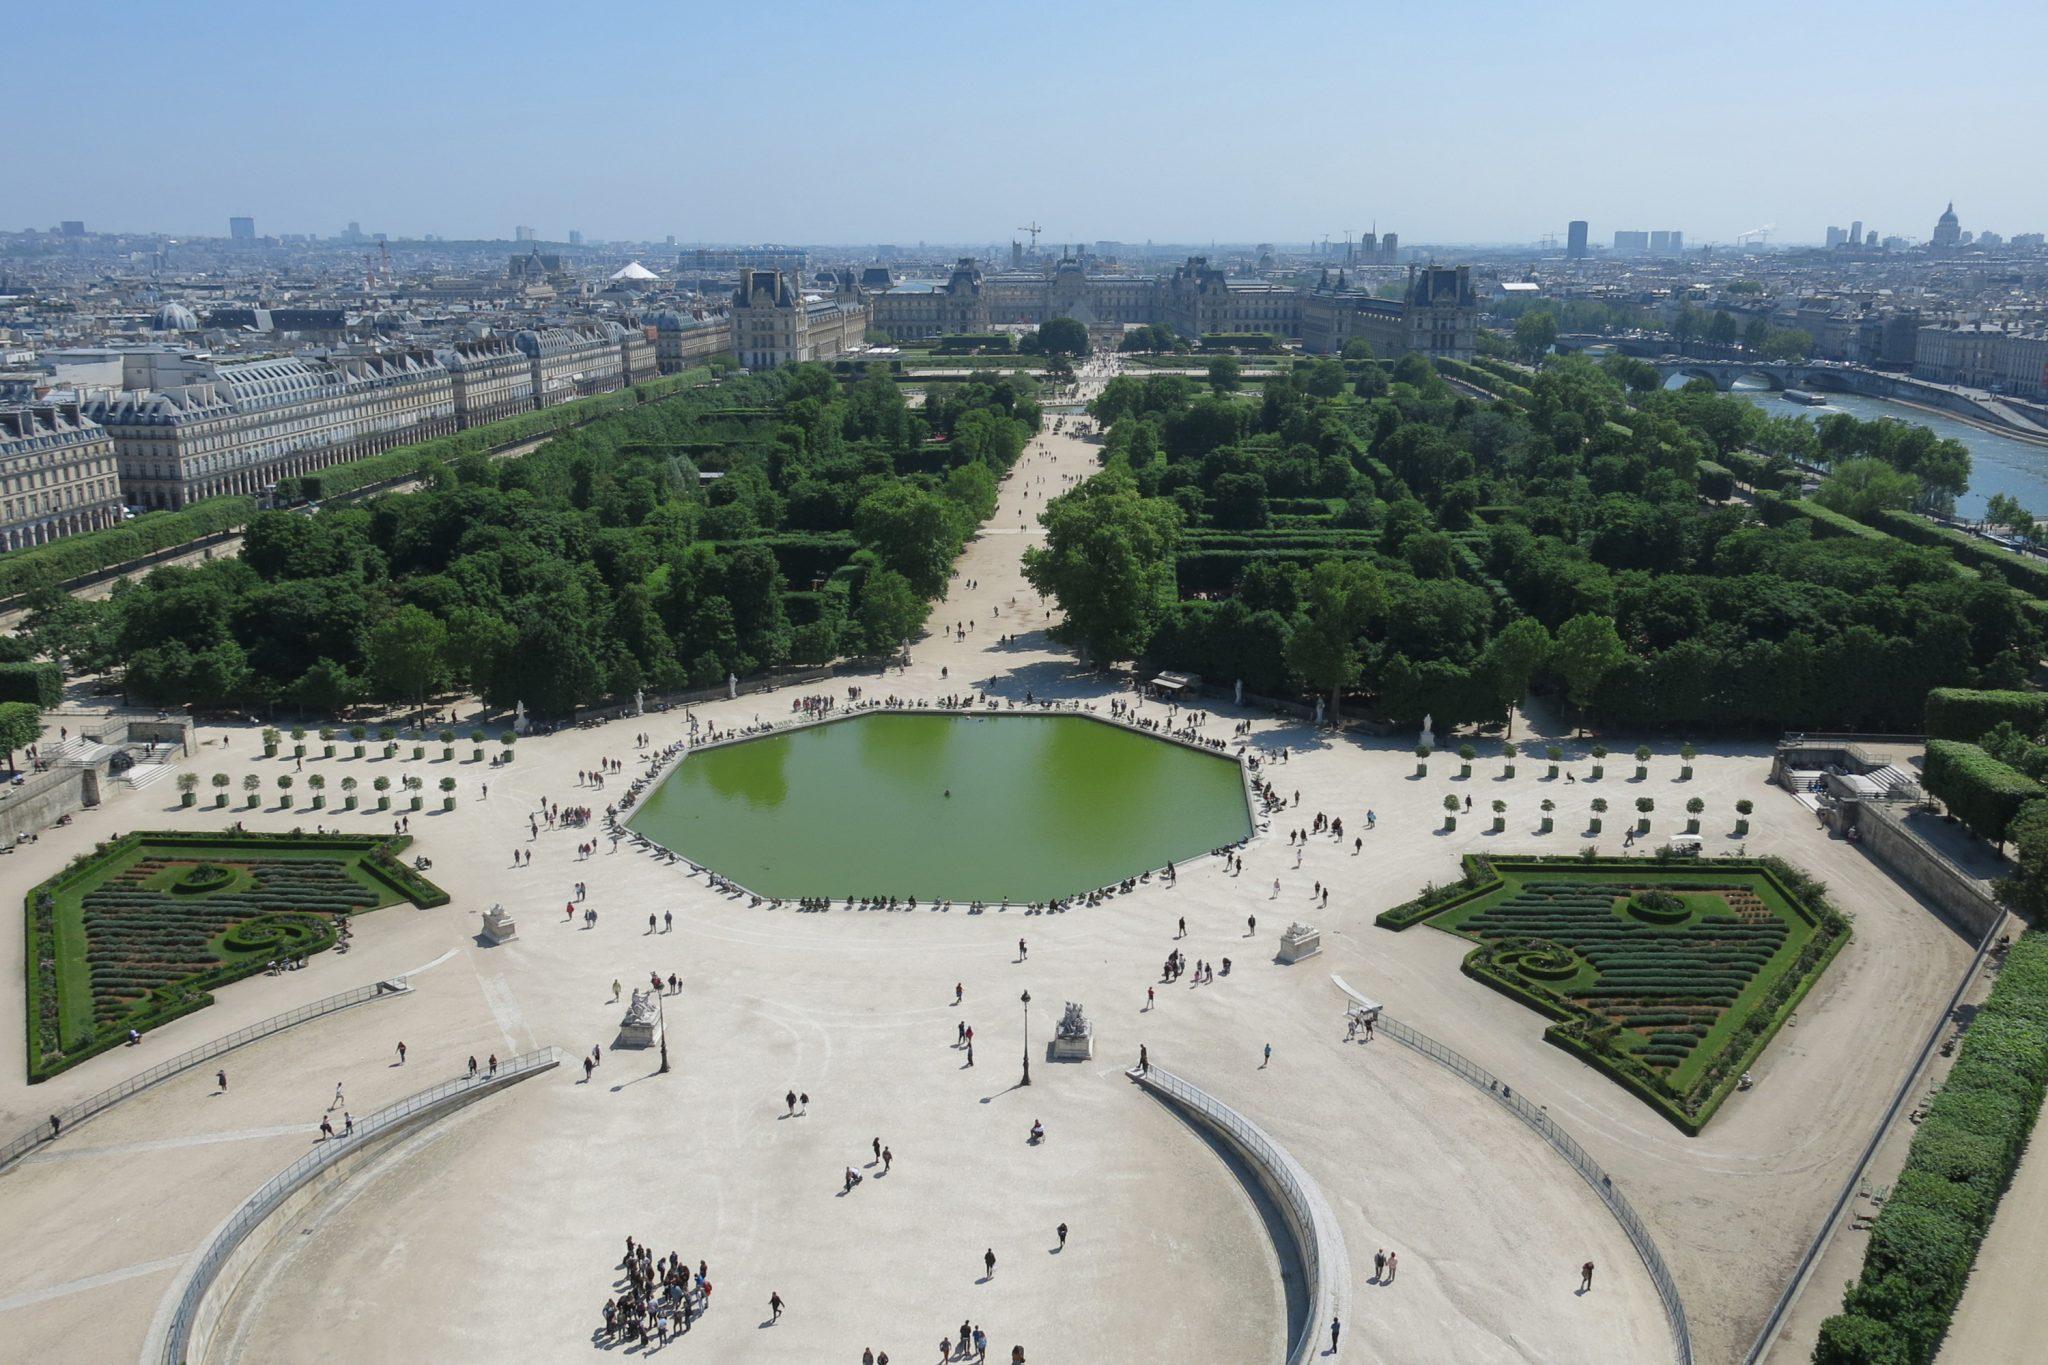 Grande Roue de Paris Louvre et Jardins des Tuileries scaled